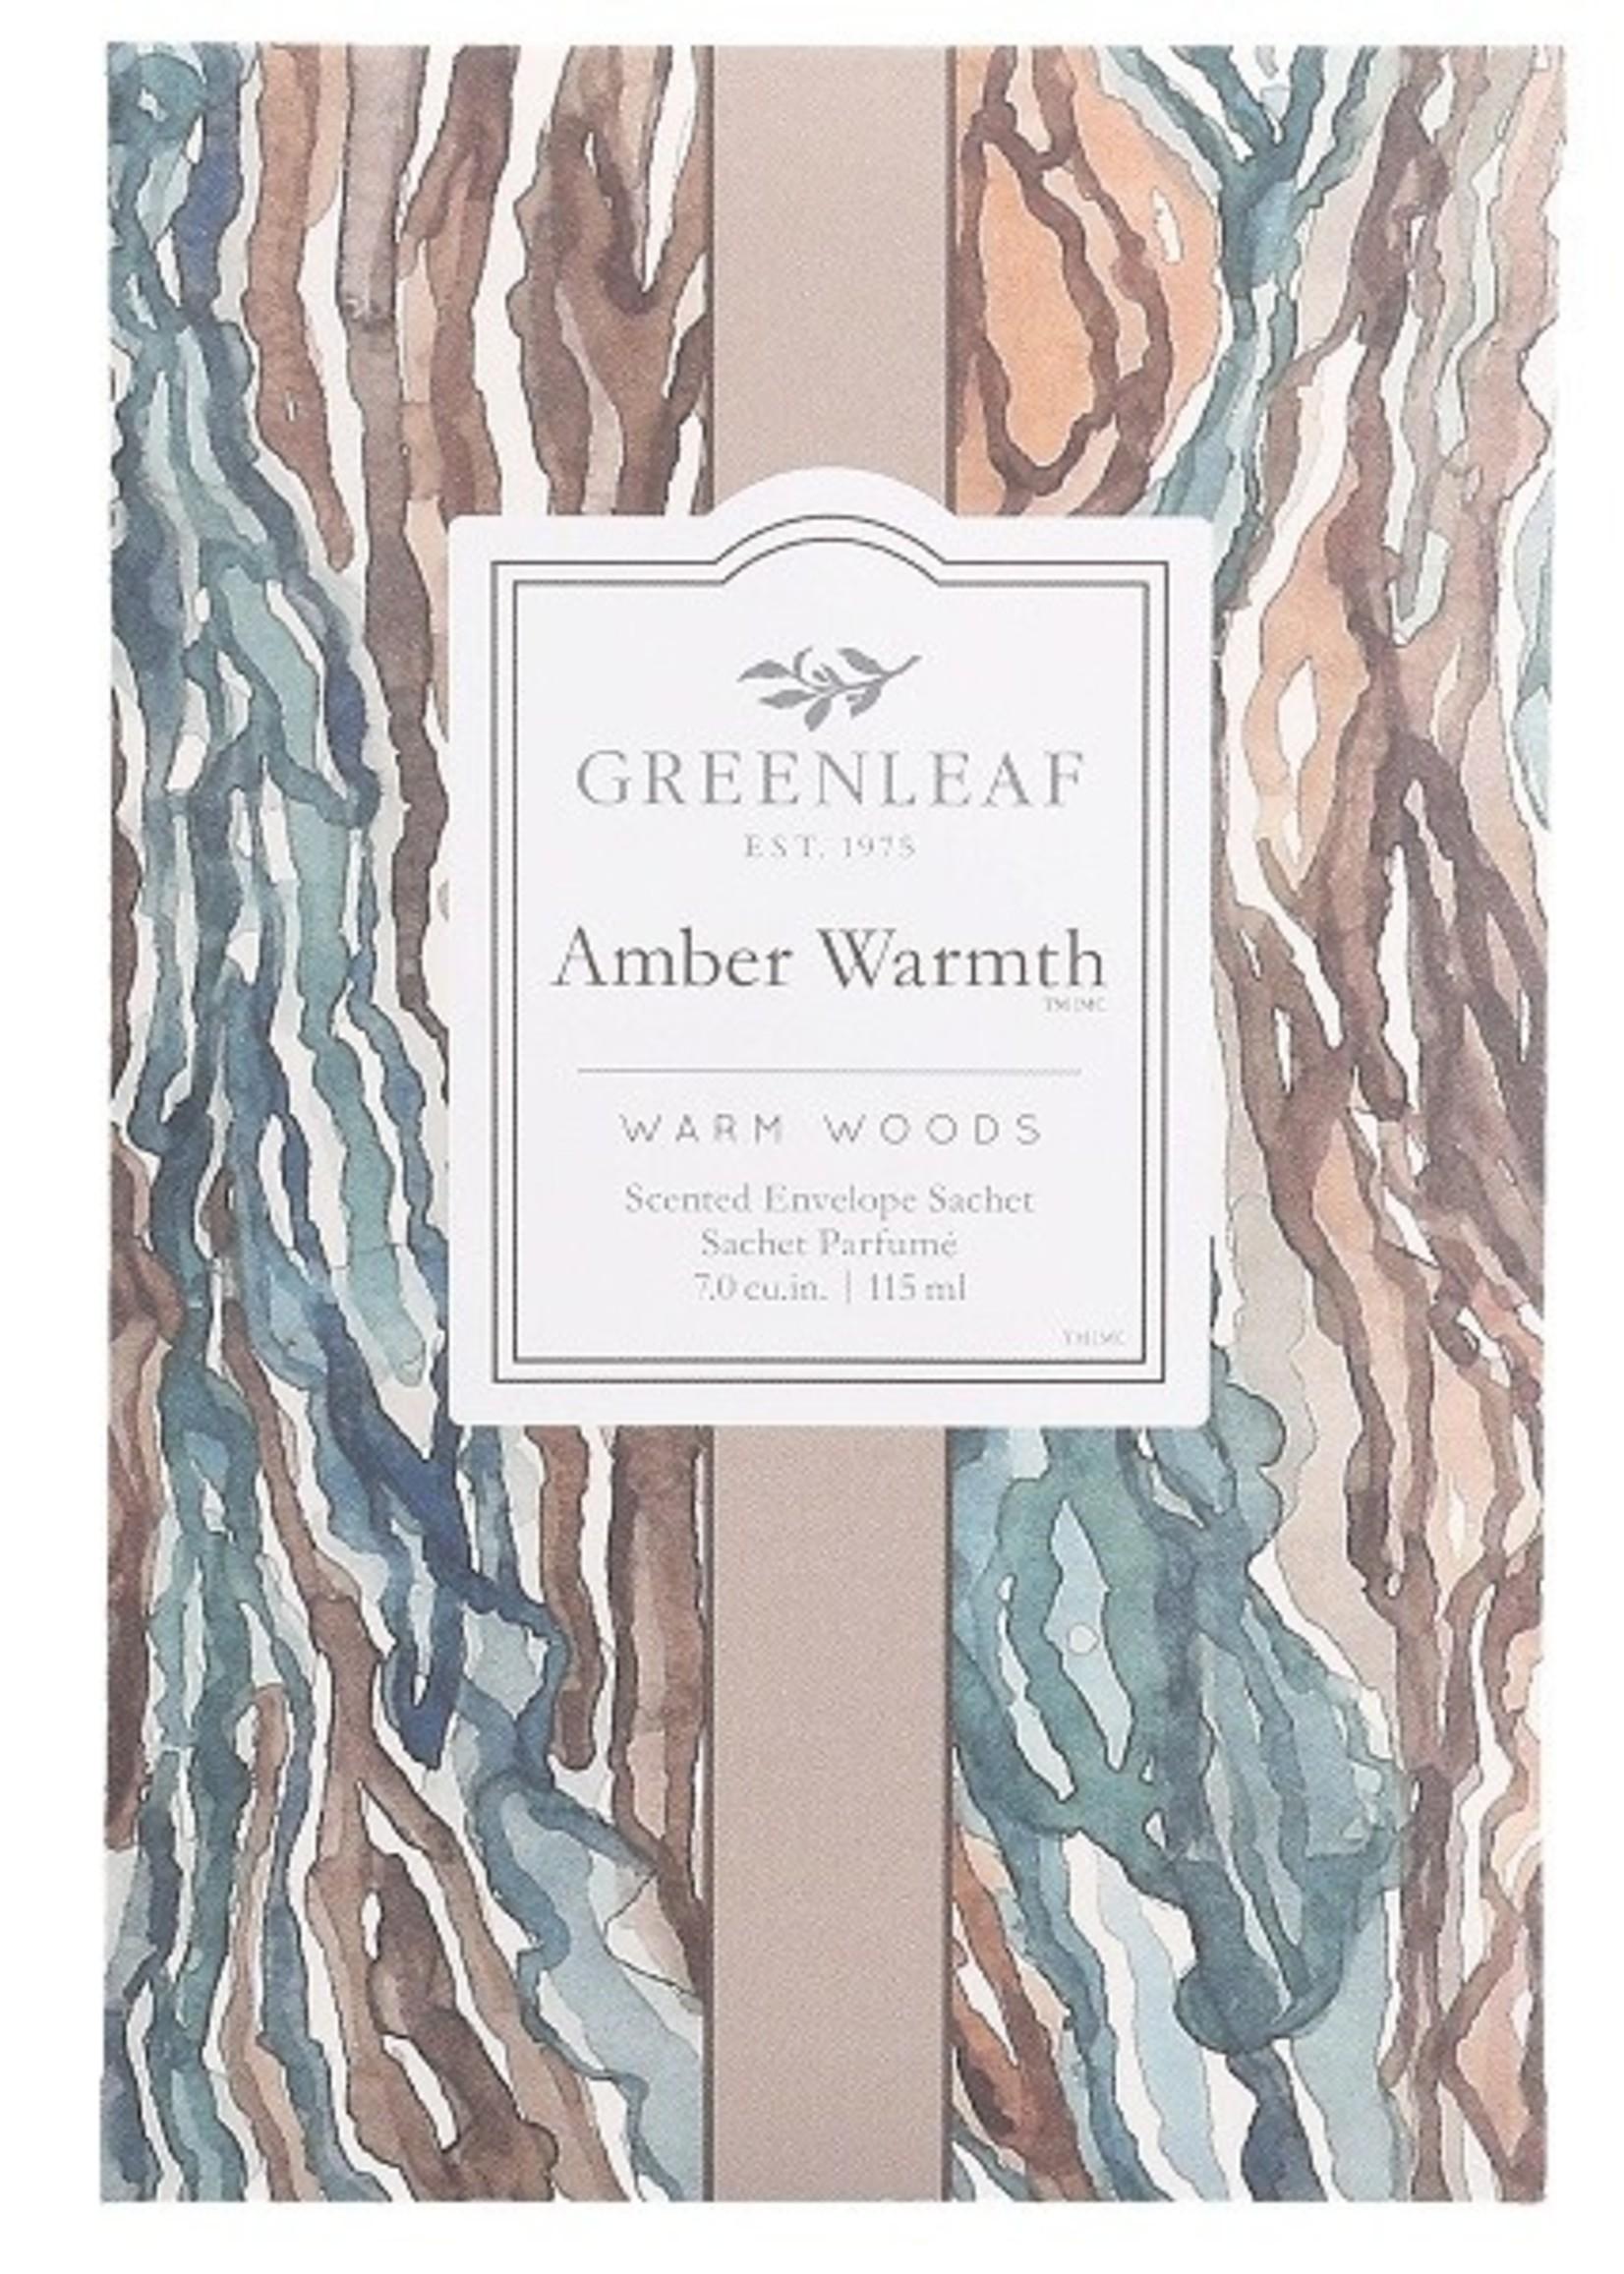 Greenleaf Greenleaf Geurzakje Amber Warmth